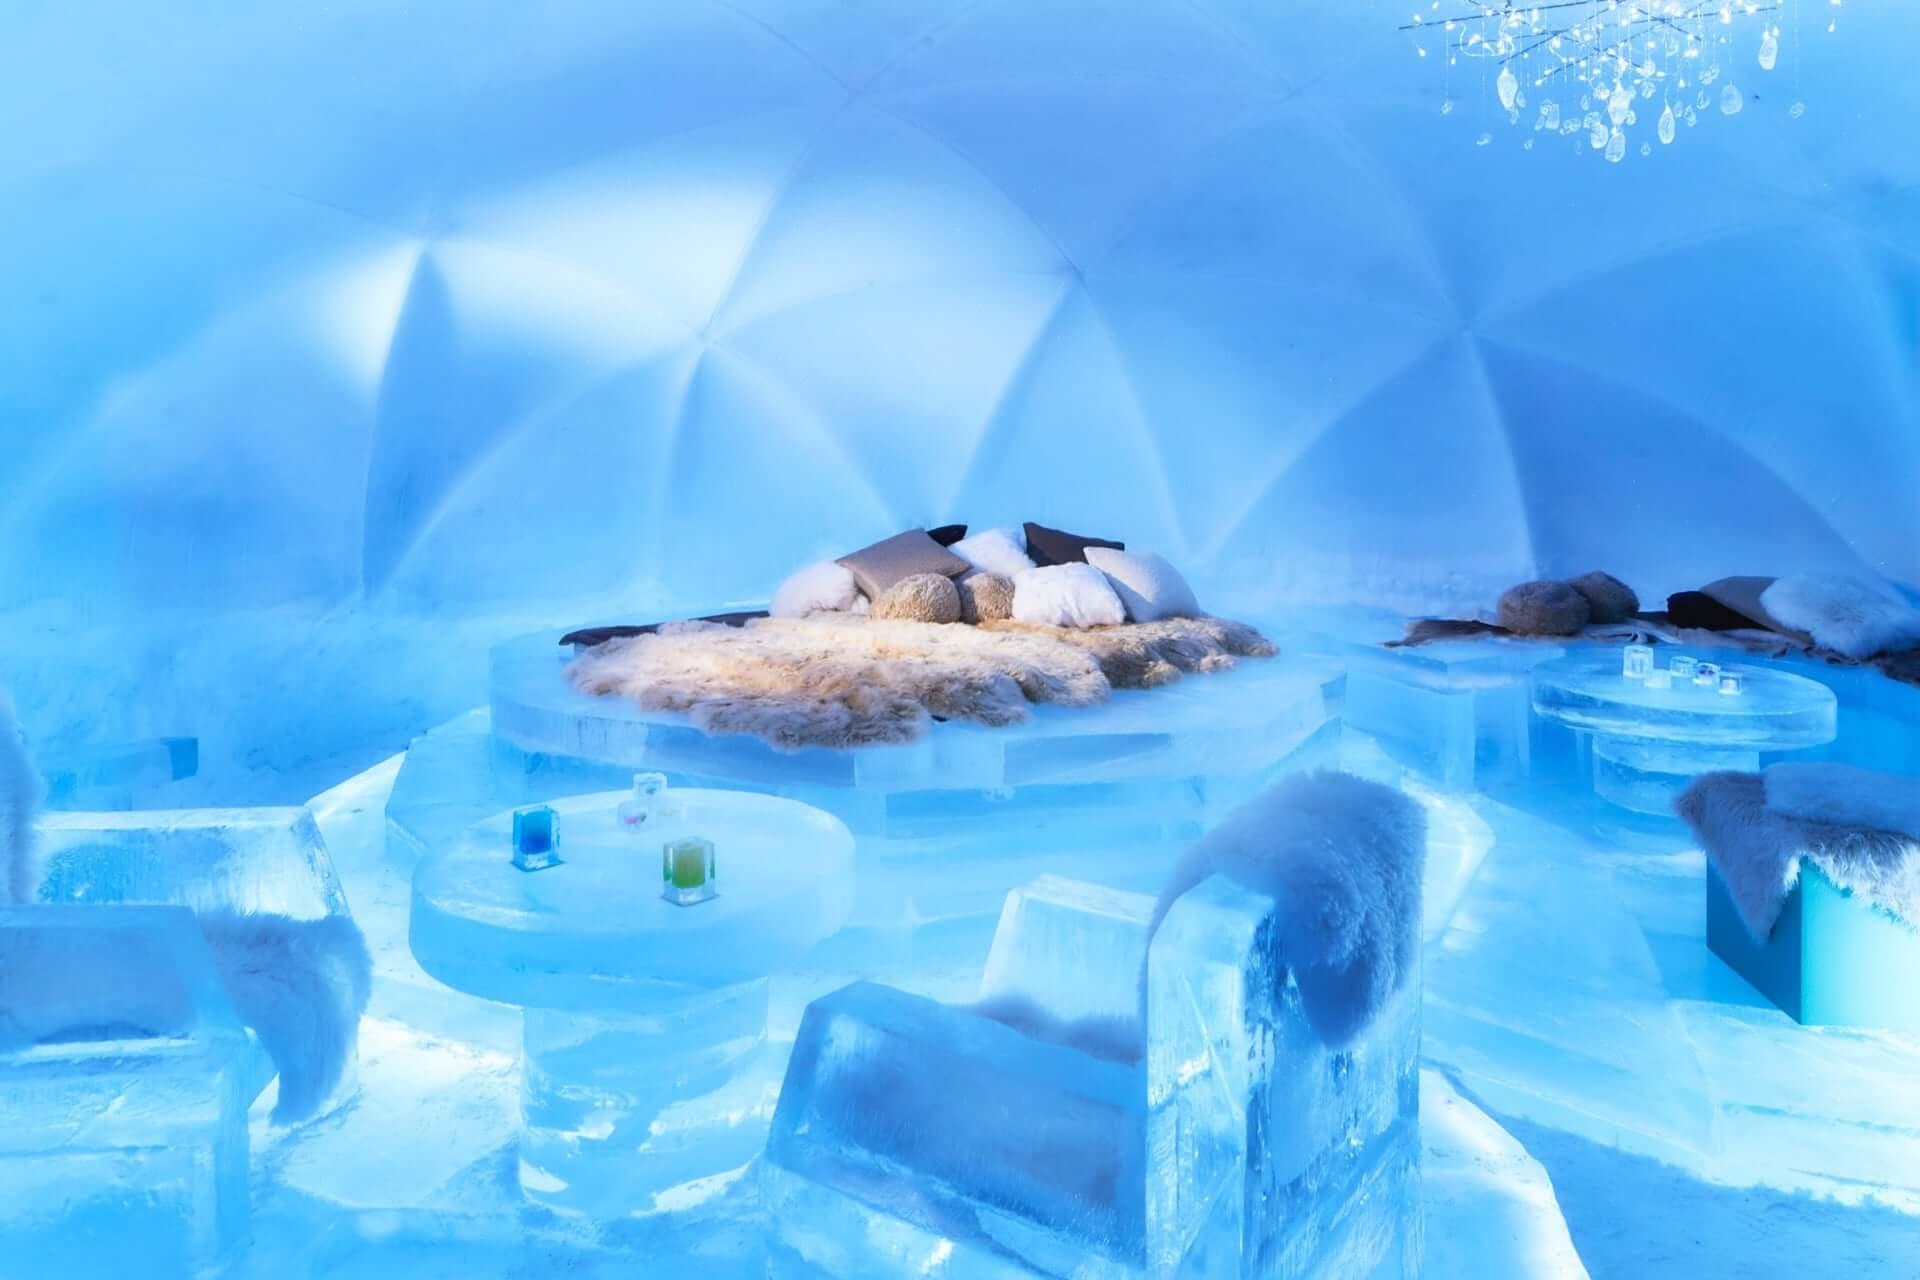 「氷の露天風呂」も堪能できる氷のホテルが北海道最大級のスノーリゾート・星野リゾート トマムに今年も登場! art201202_tomamu_6-1920x1280